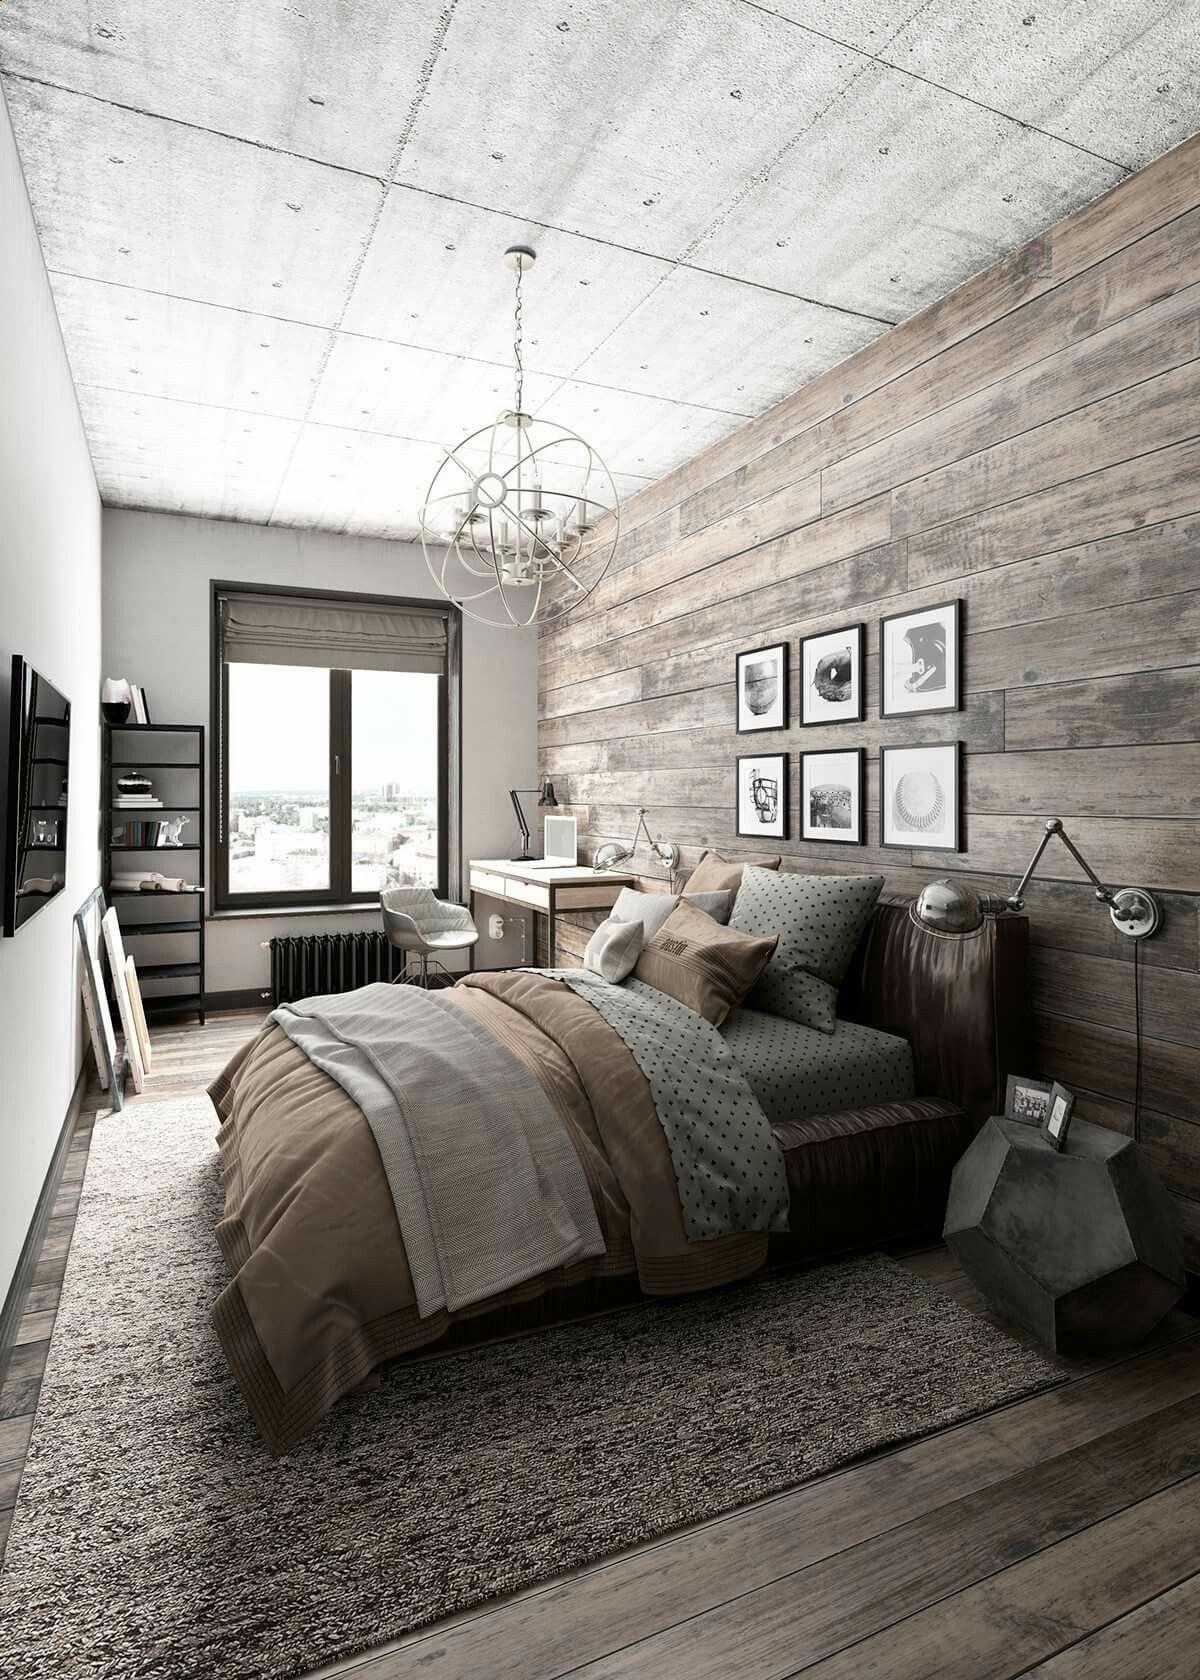 Chambre Masculine Naturelle Avec Bois Et Couleur Chaude Sombre